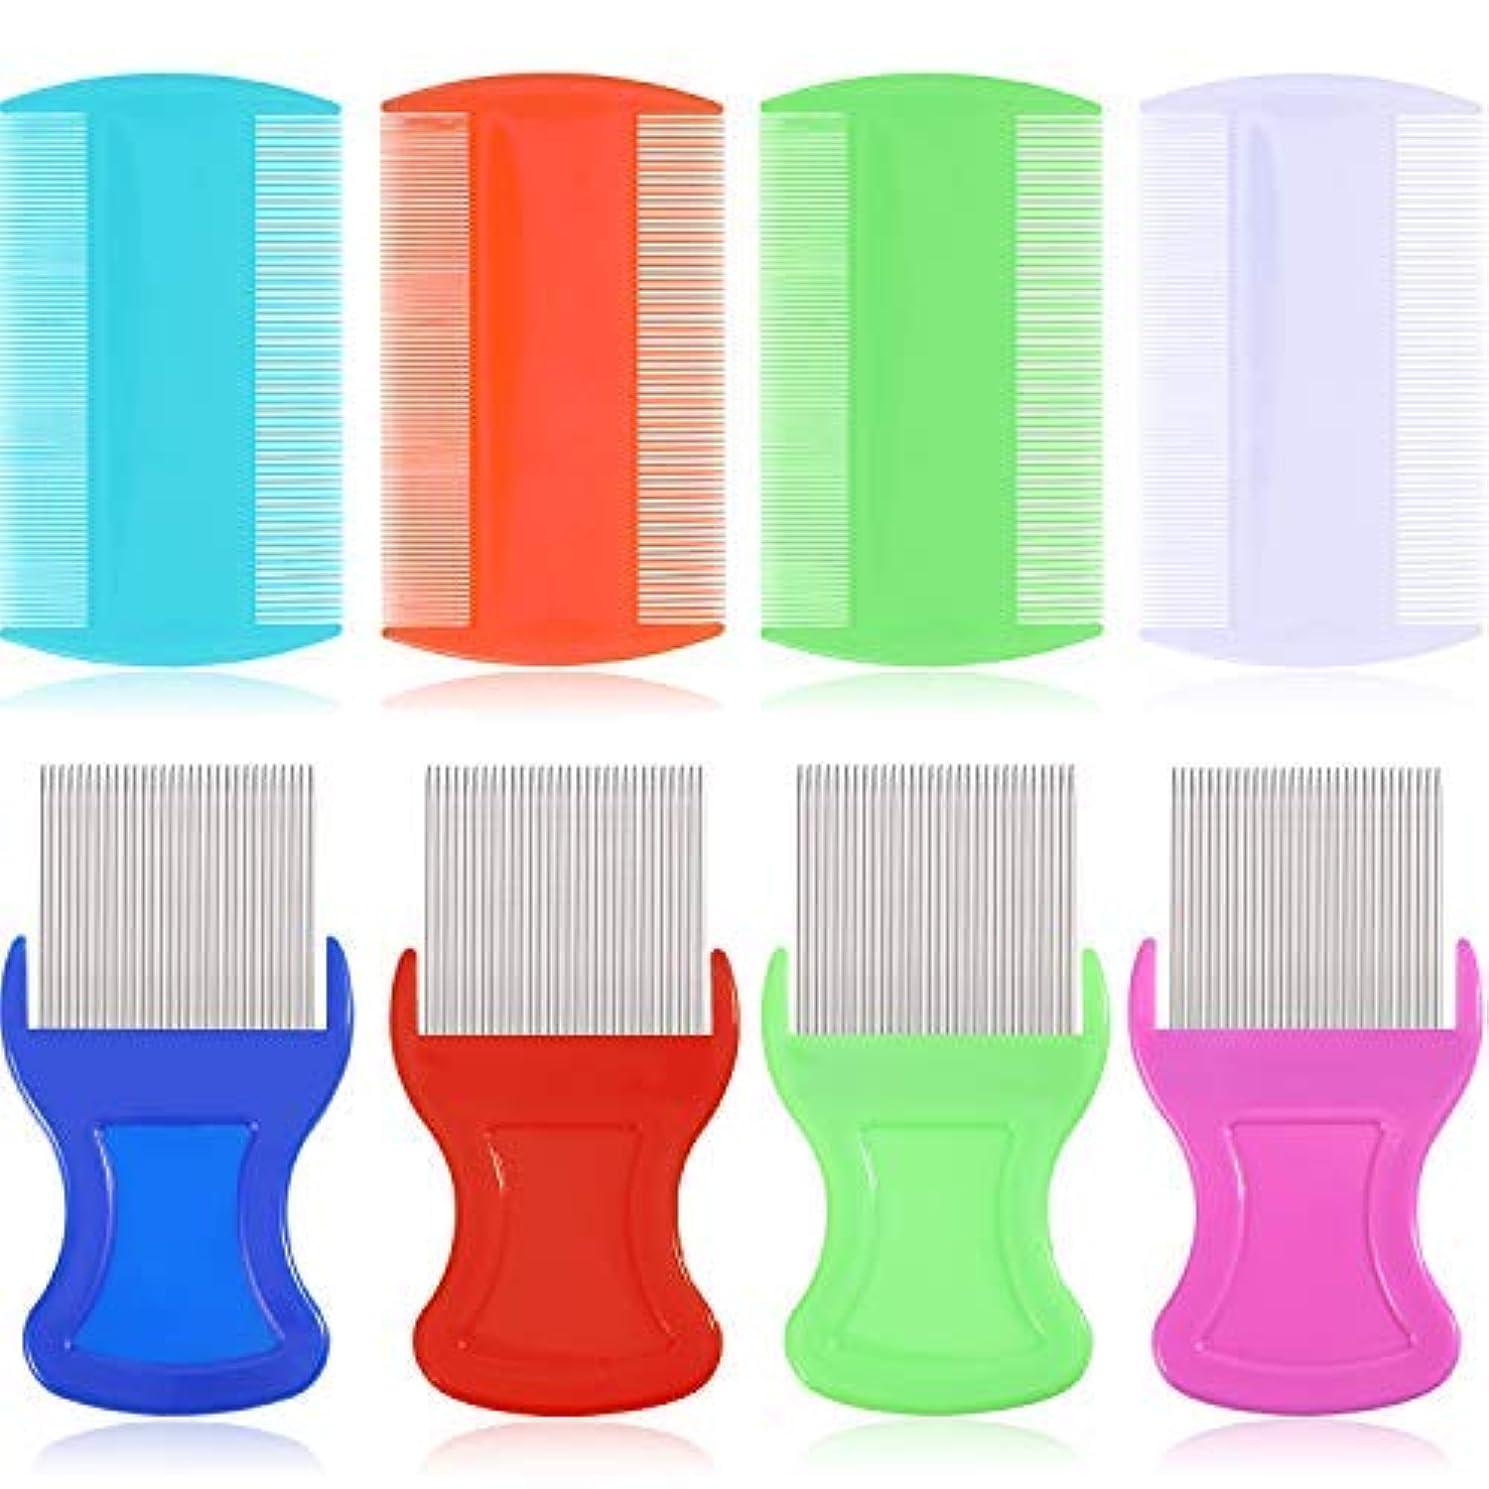 化学薬品メモモスク8 Pieces Flea Lice Comb Lice Removal Combs Include 4 Pieces Nit Remover with Metal Teeth and 4 Pieces Double Sided...